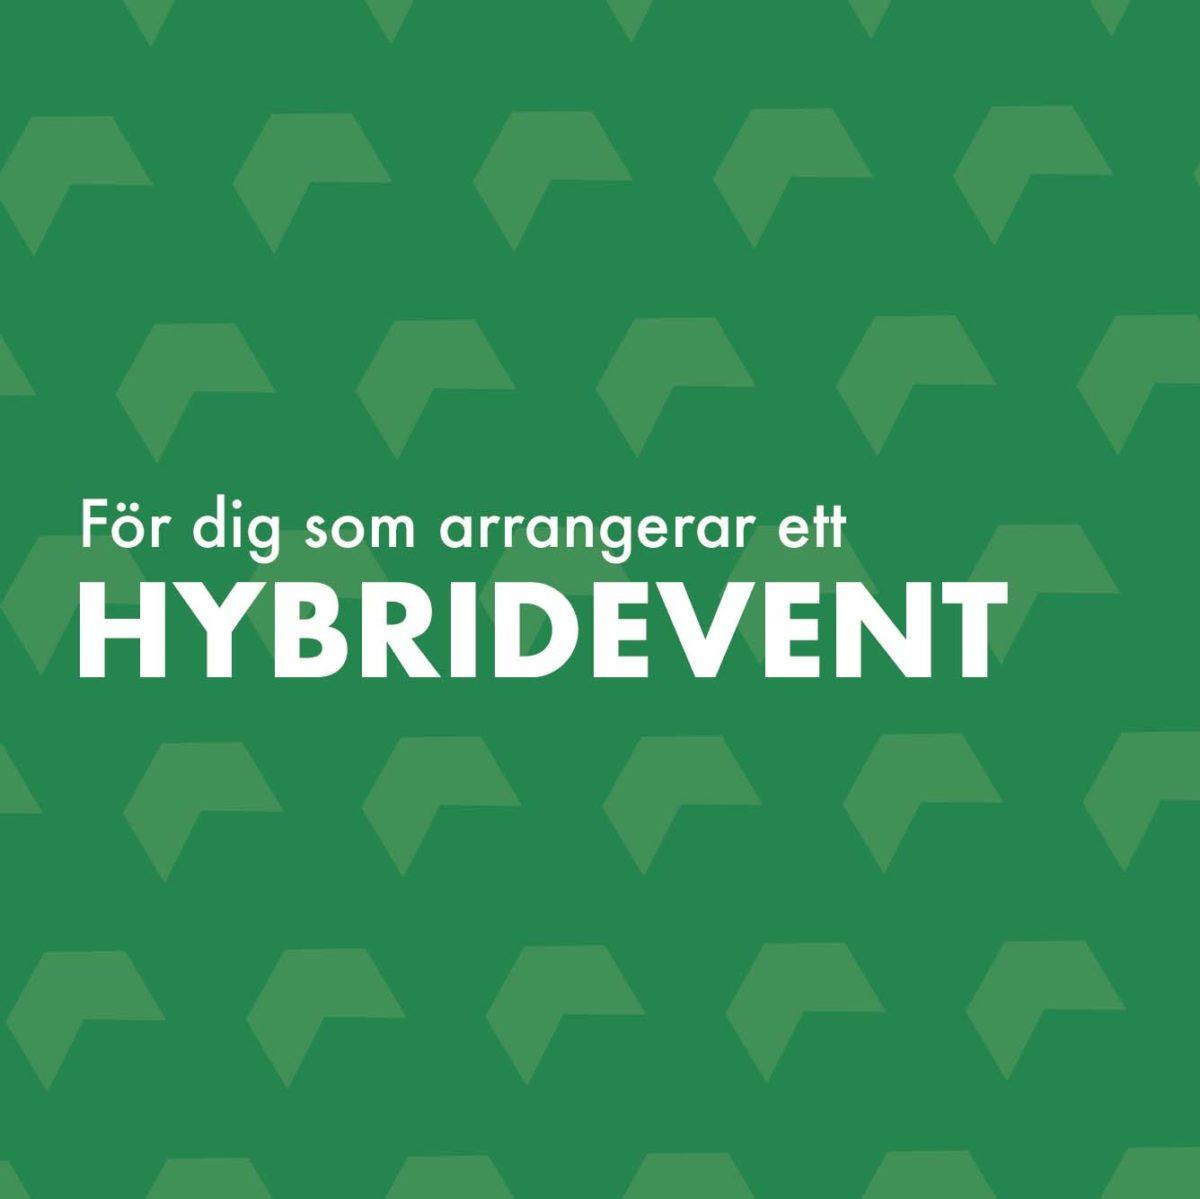 För dig som arrangerar ett hybridevent.